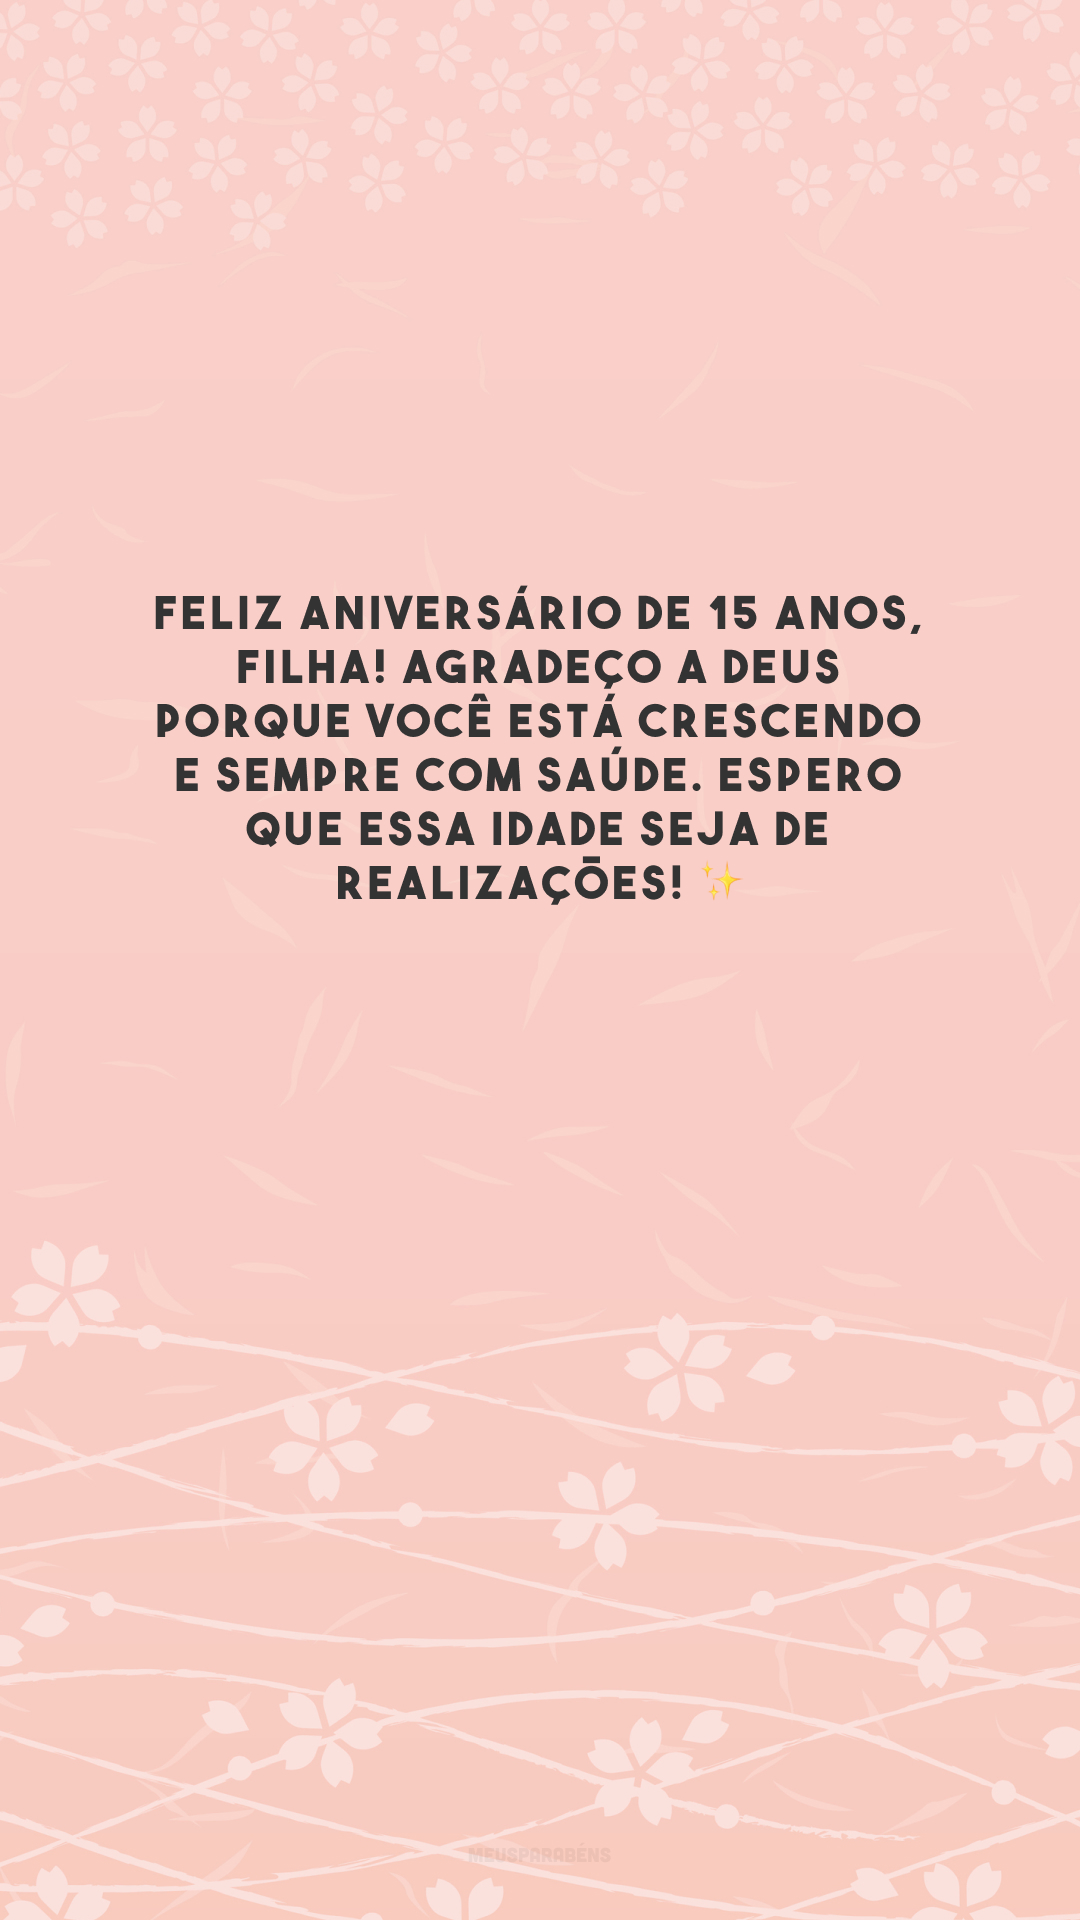 Feliz aniversário de 15 anos, filha! Agradeço a Deus porque você está crescendo e sempre com saúde. Espero que essa idade seja de realizações! ✨